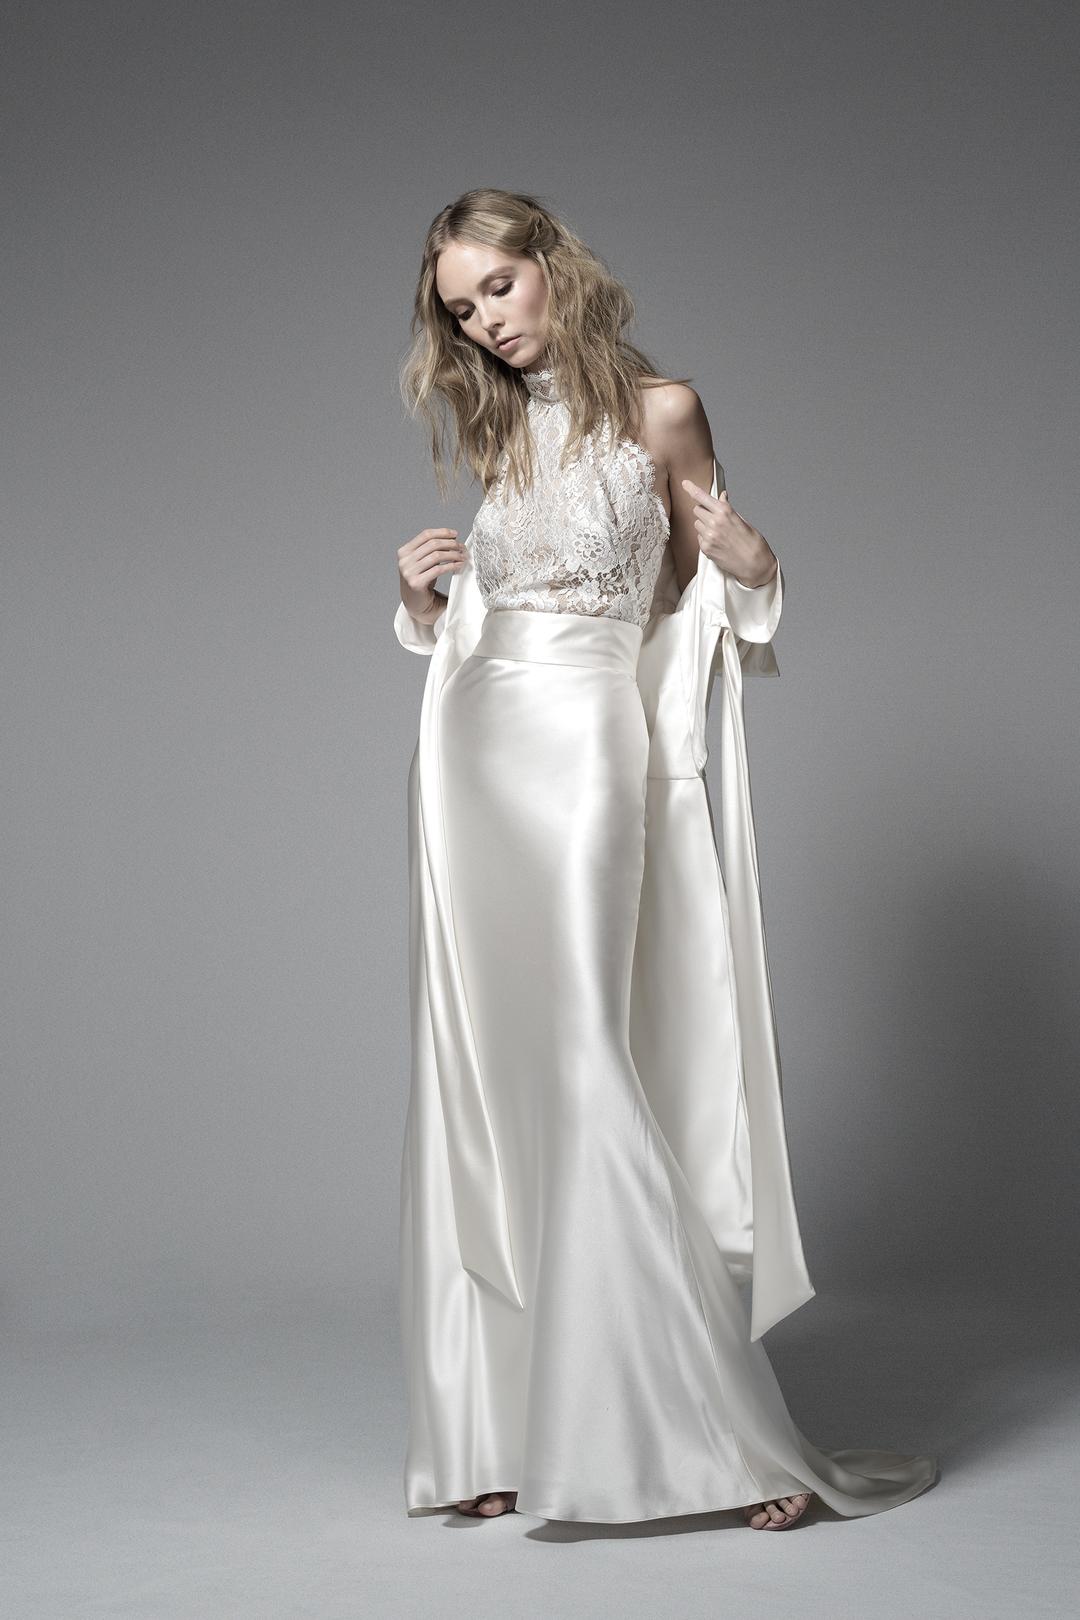 nola gown dress photo